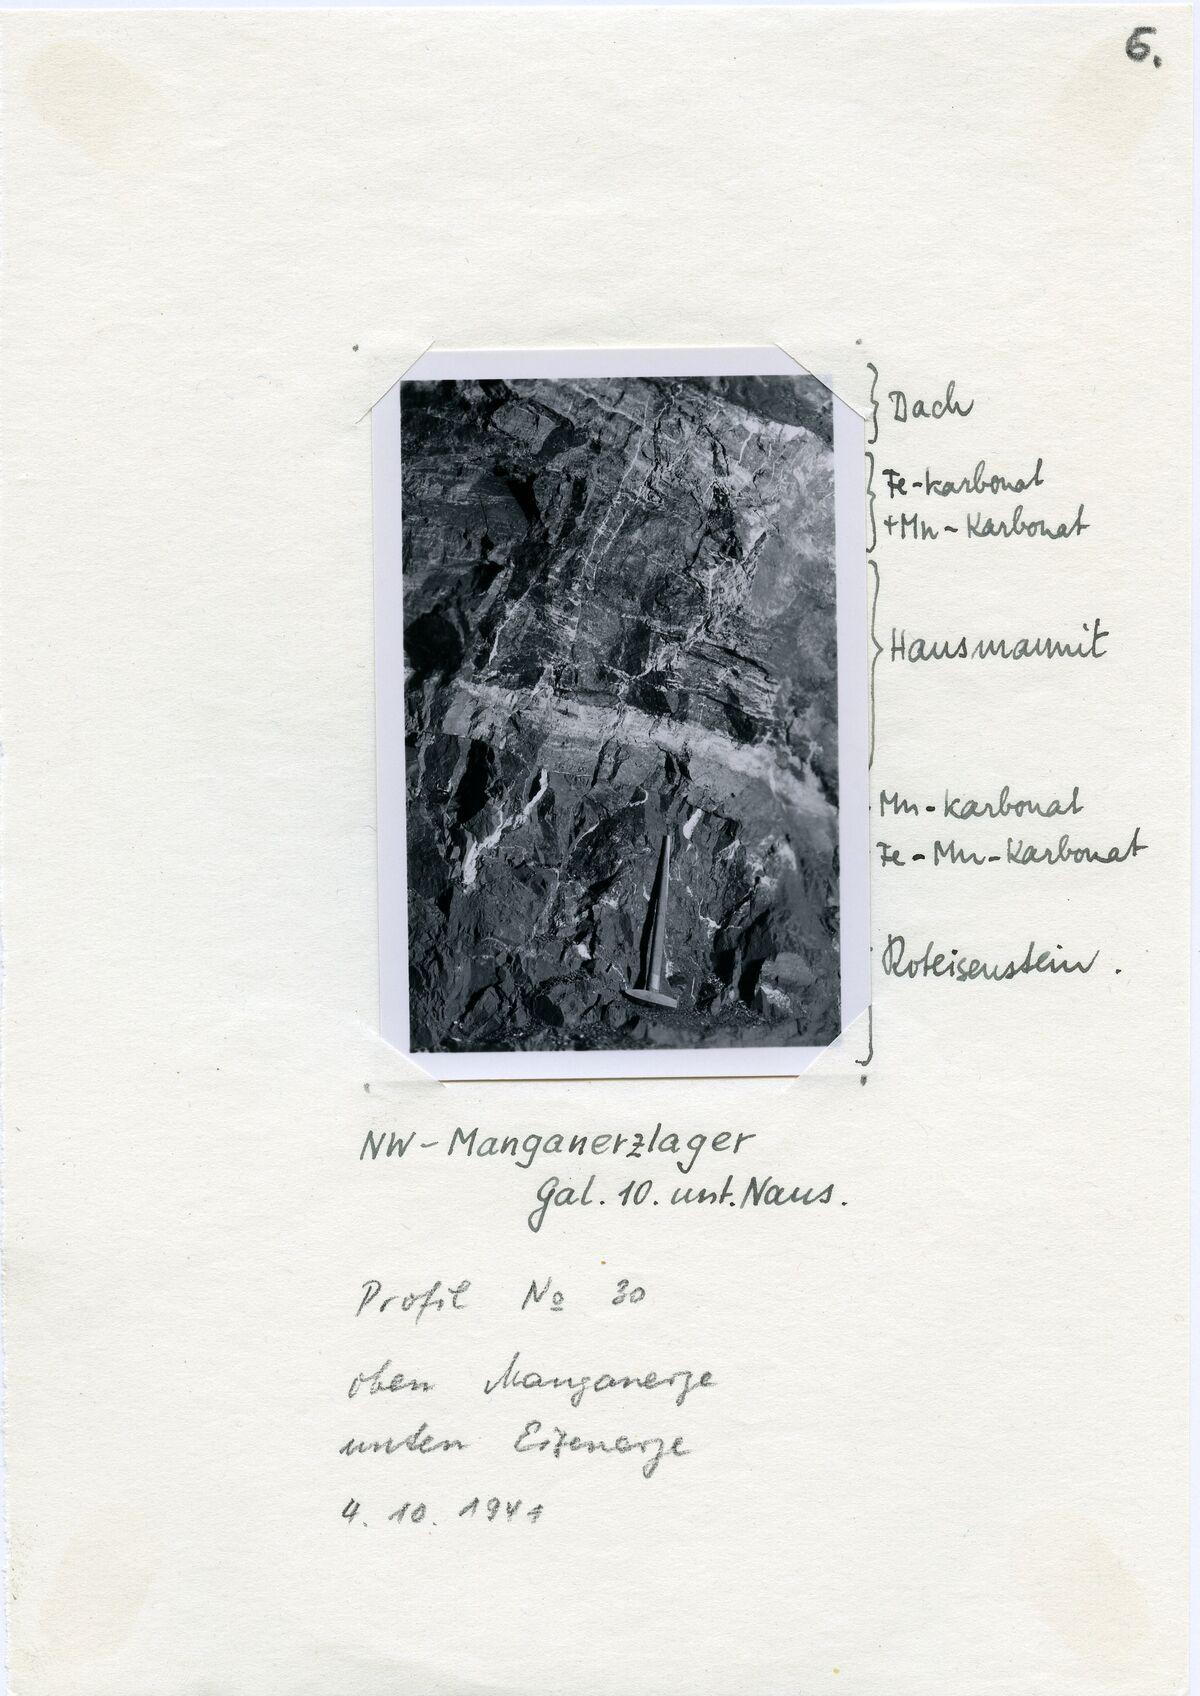 EBA 2/321.32: Gonzen, Bergwerksaufnahmen unter Tage